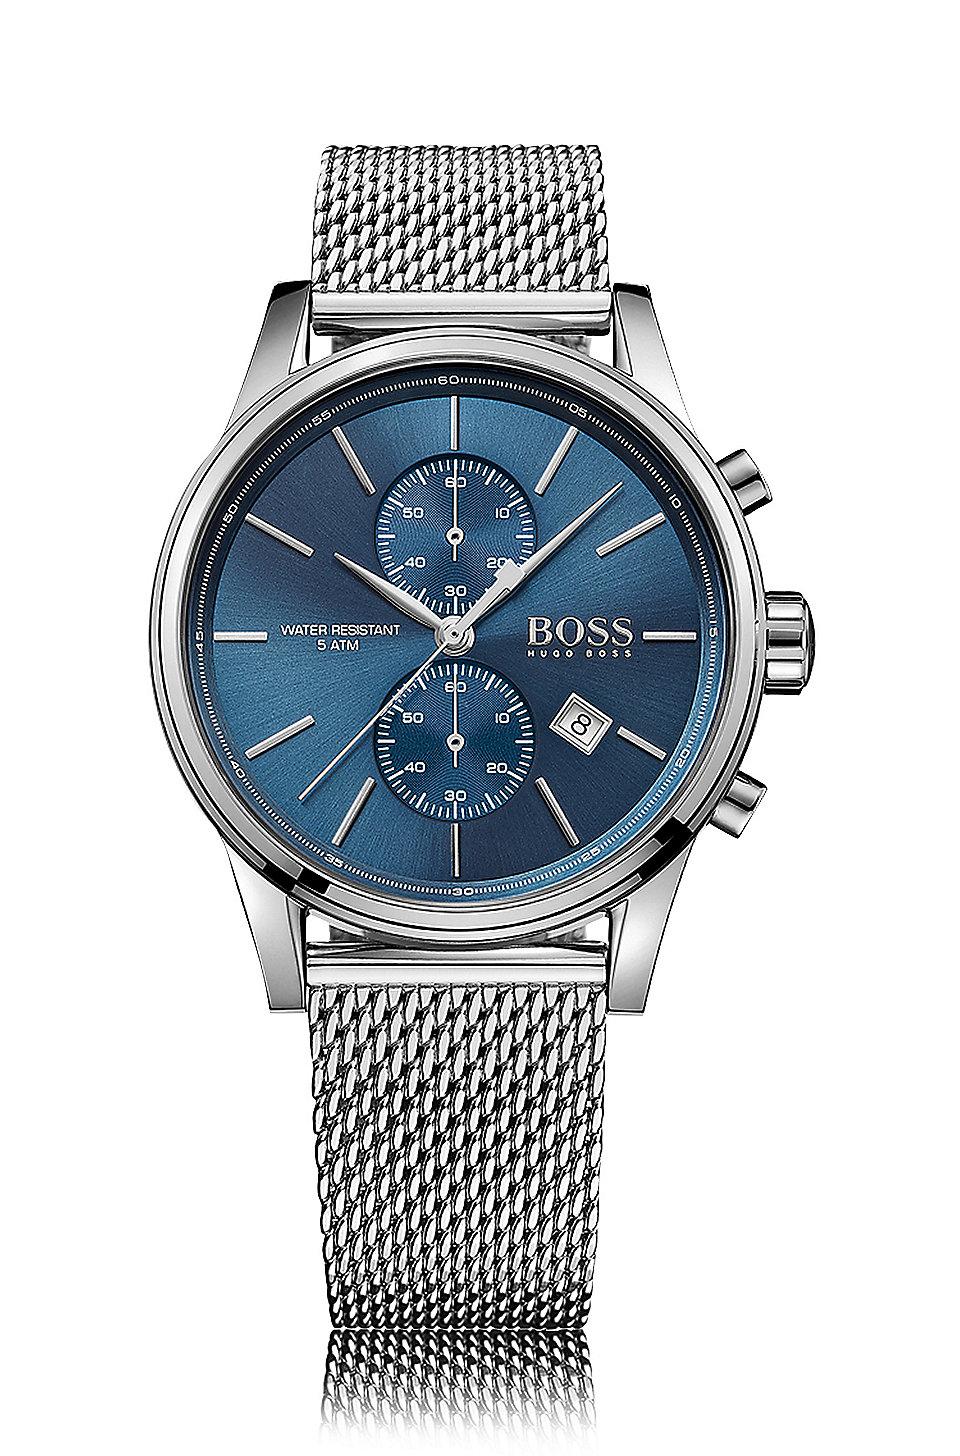 BOSS - Stainless Steel Mesh Chronograph Watch  abb95e8a36b7